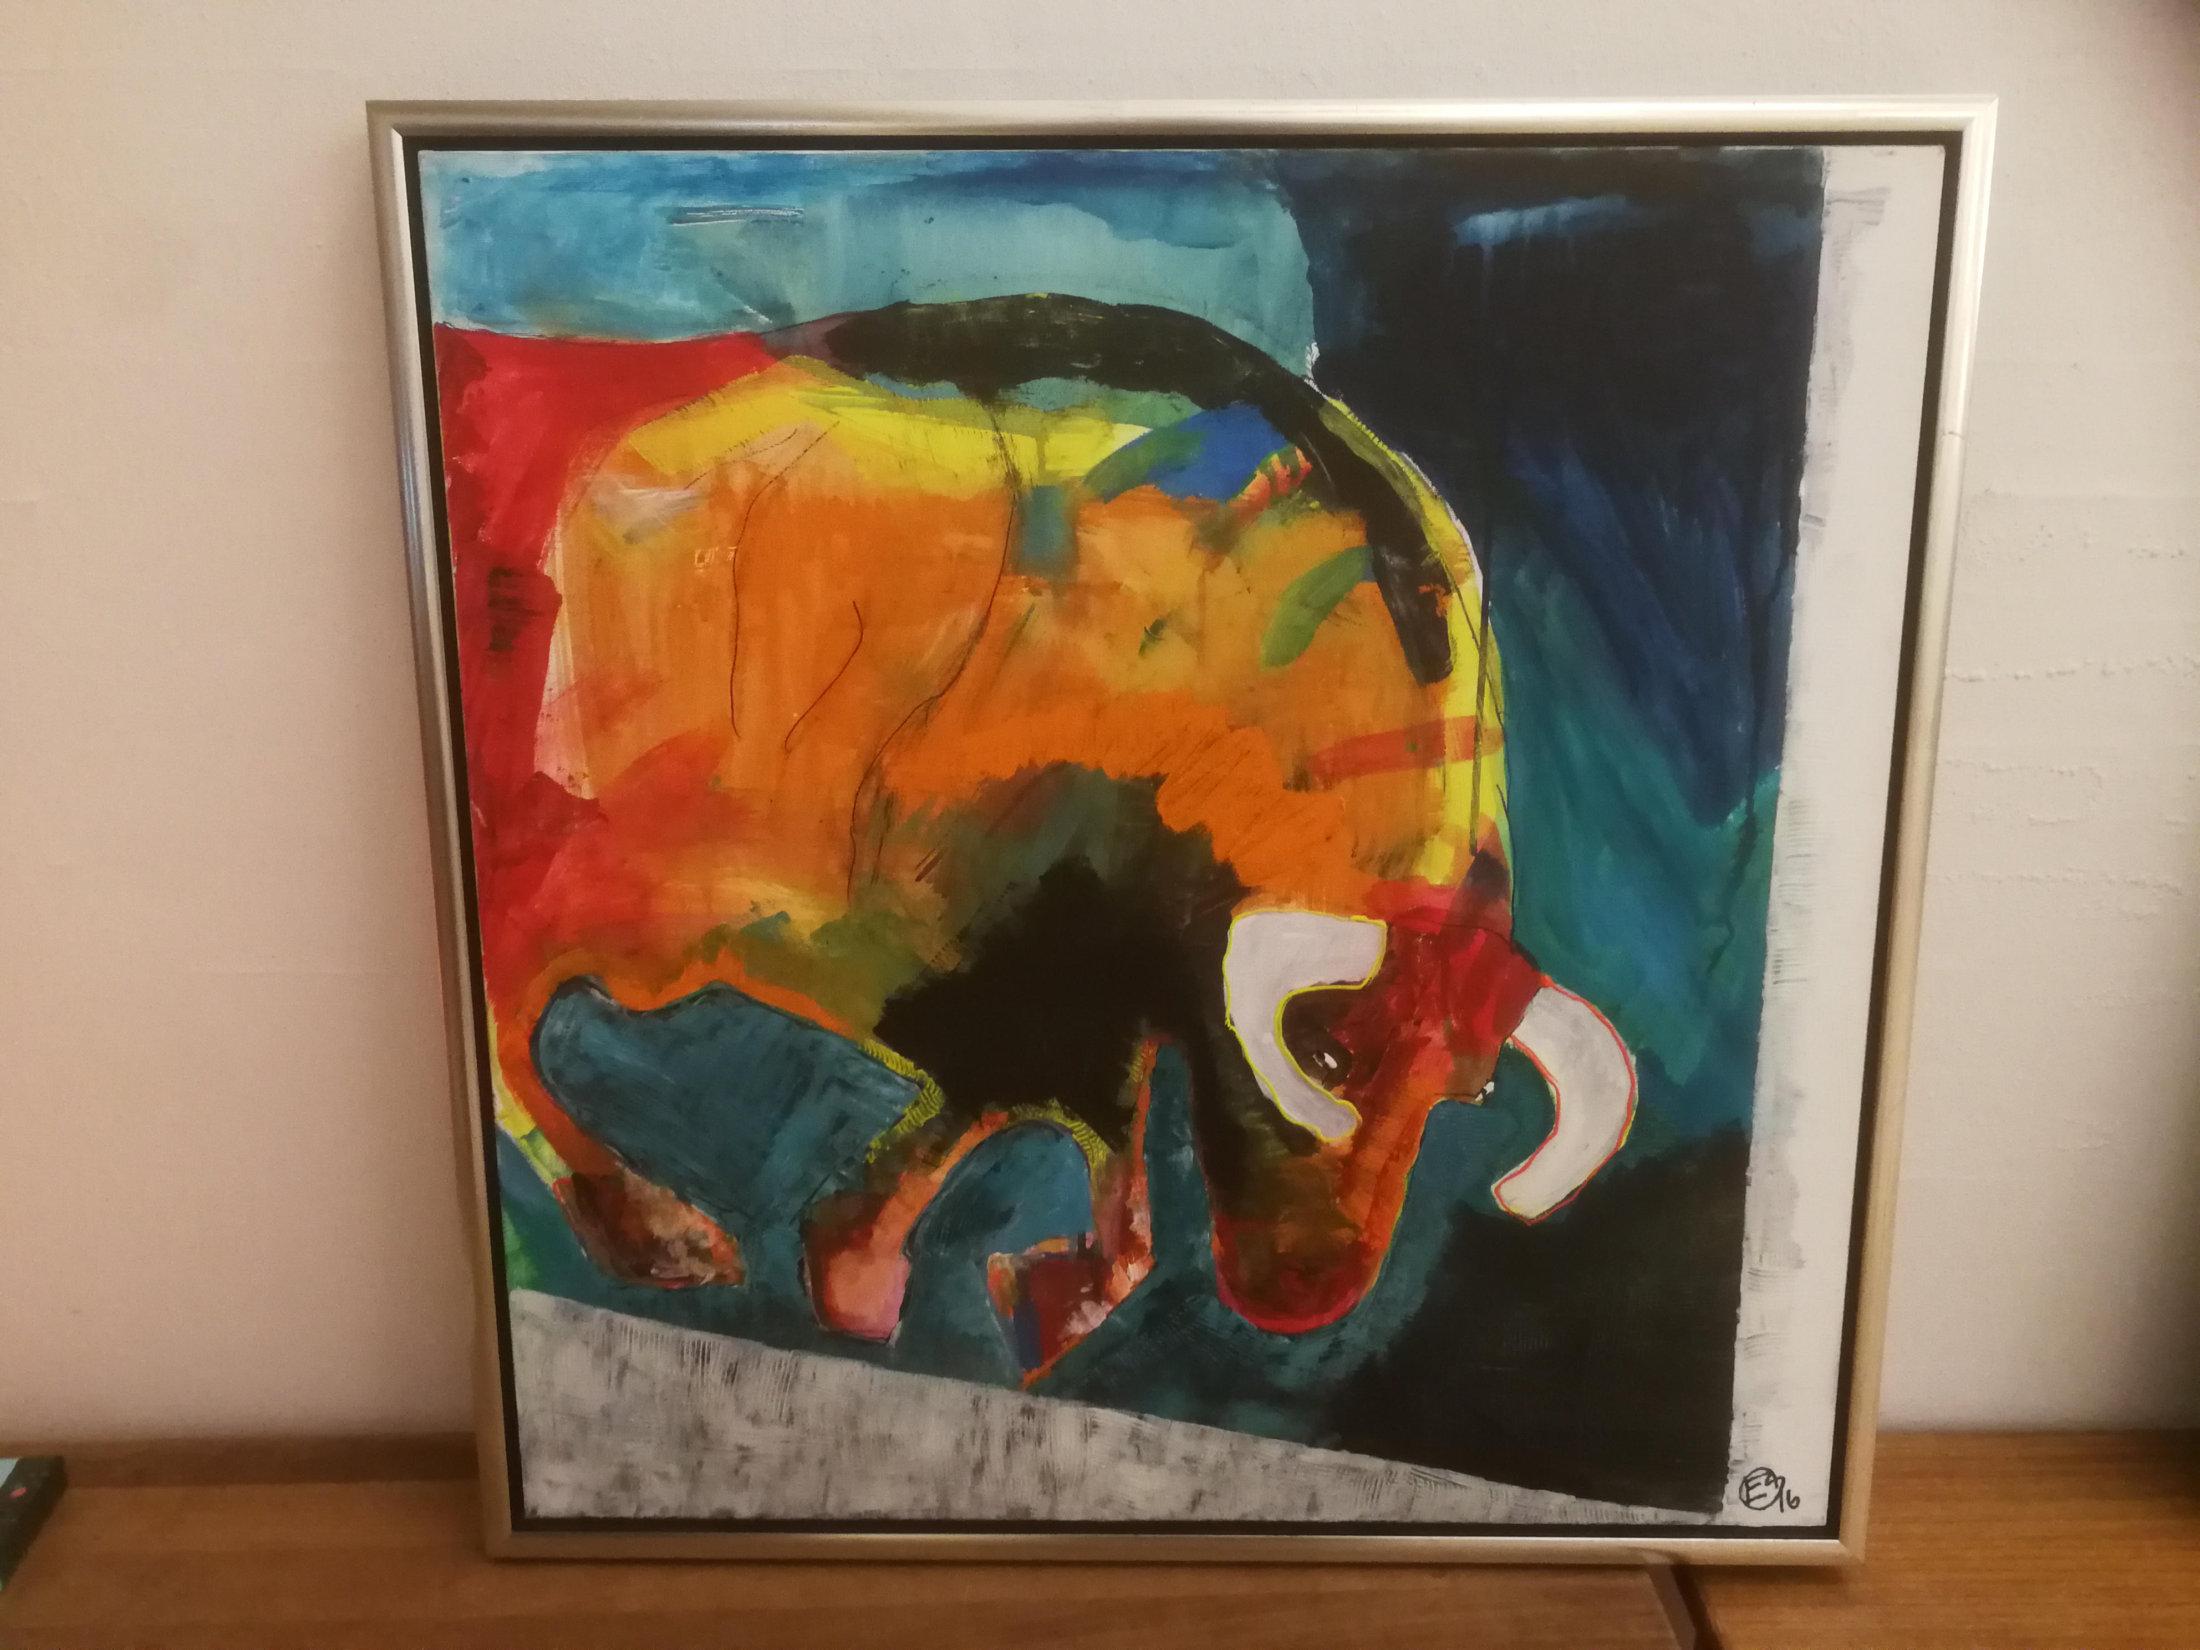 Lod Nr. 7 Maleri Med Tyr Af Erik Sønderby